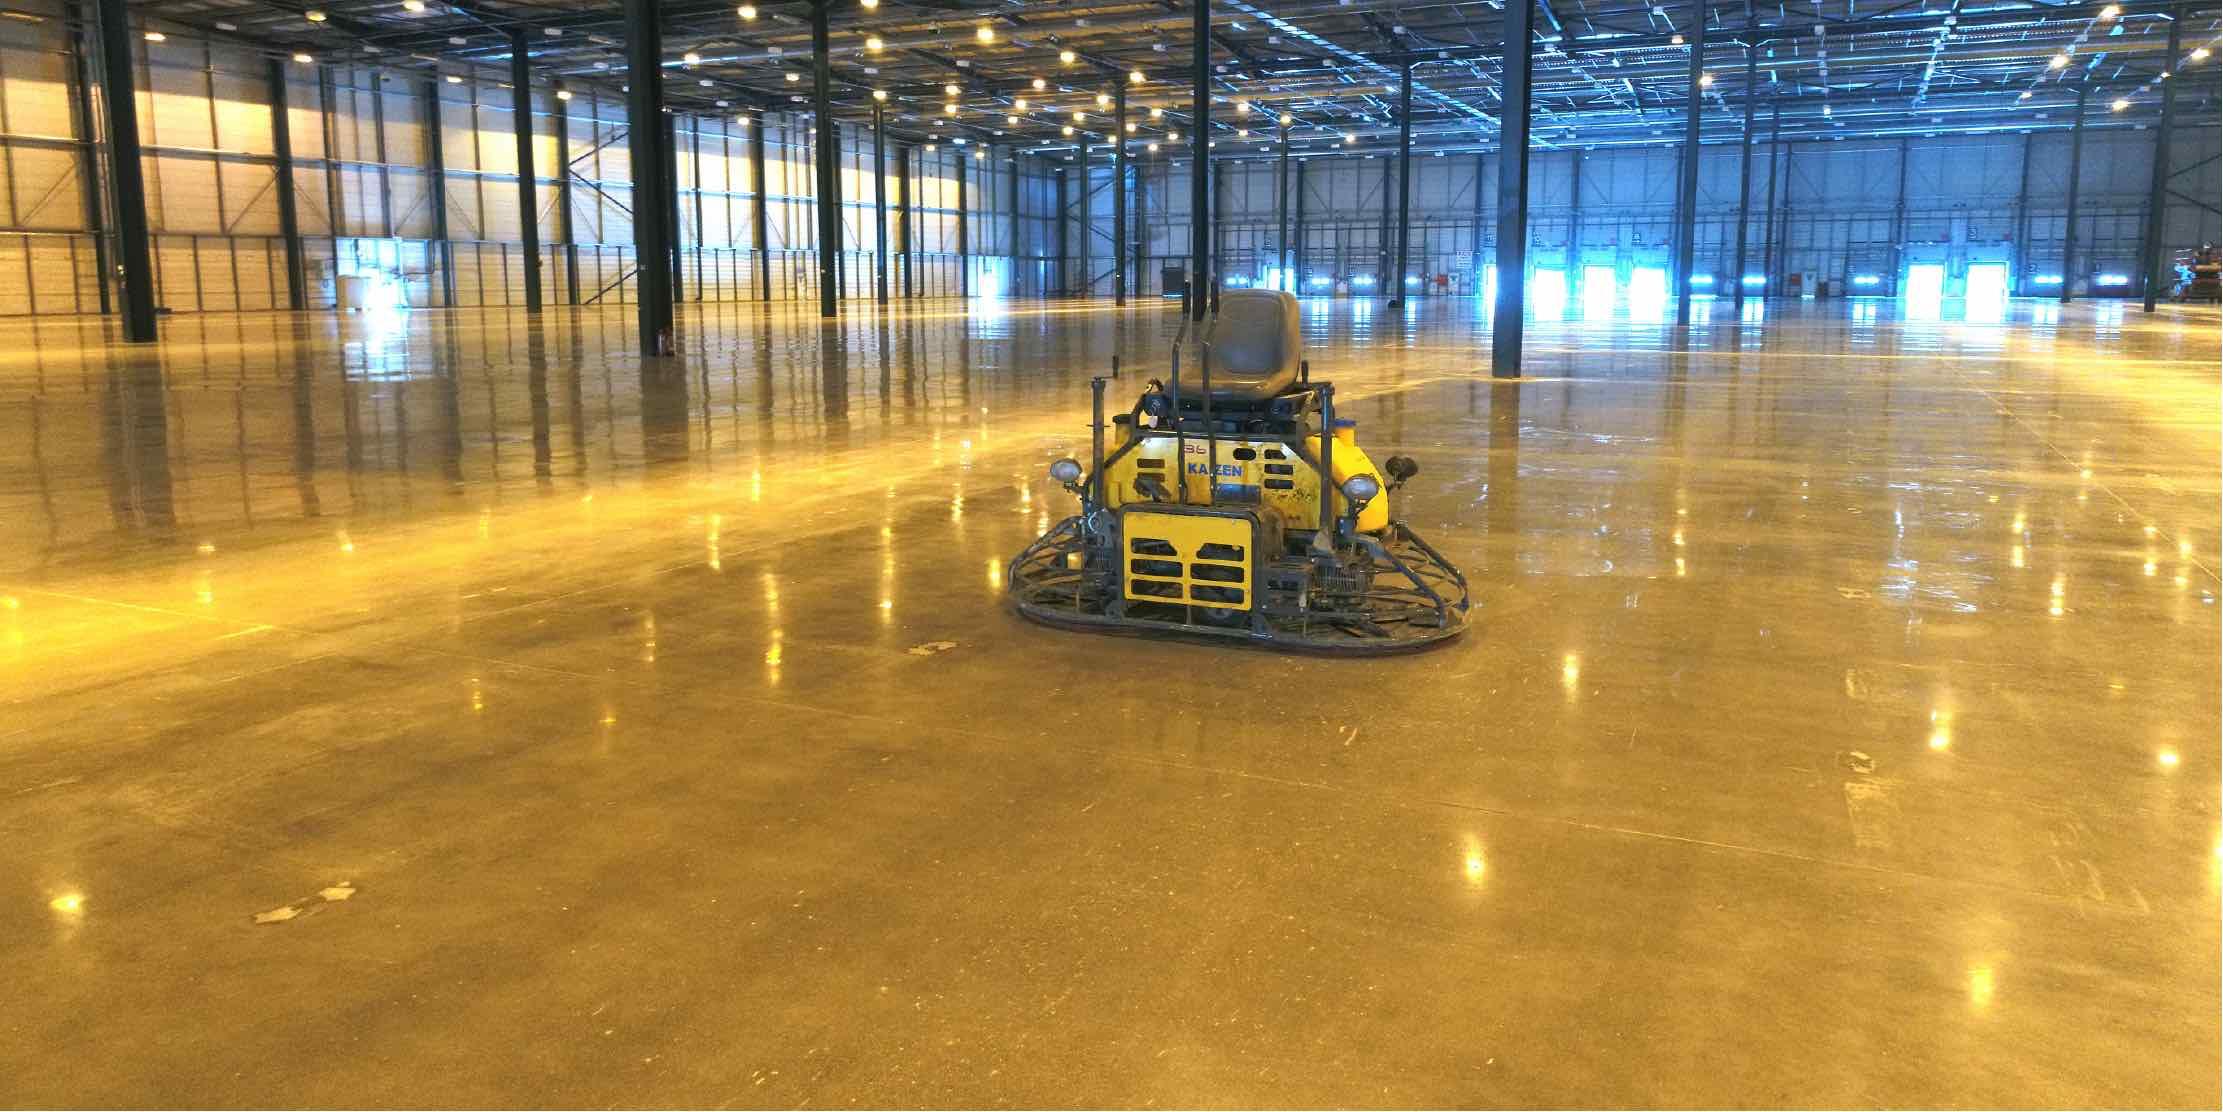 4 - How to polish concrete floors